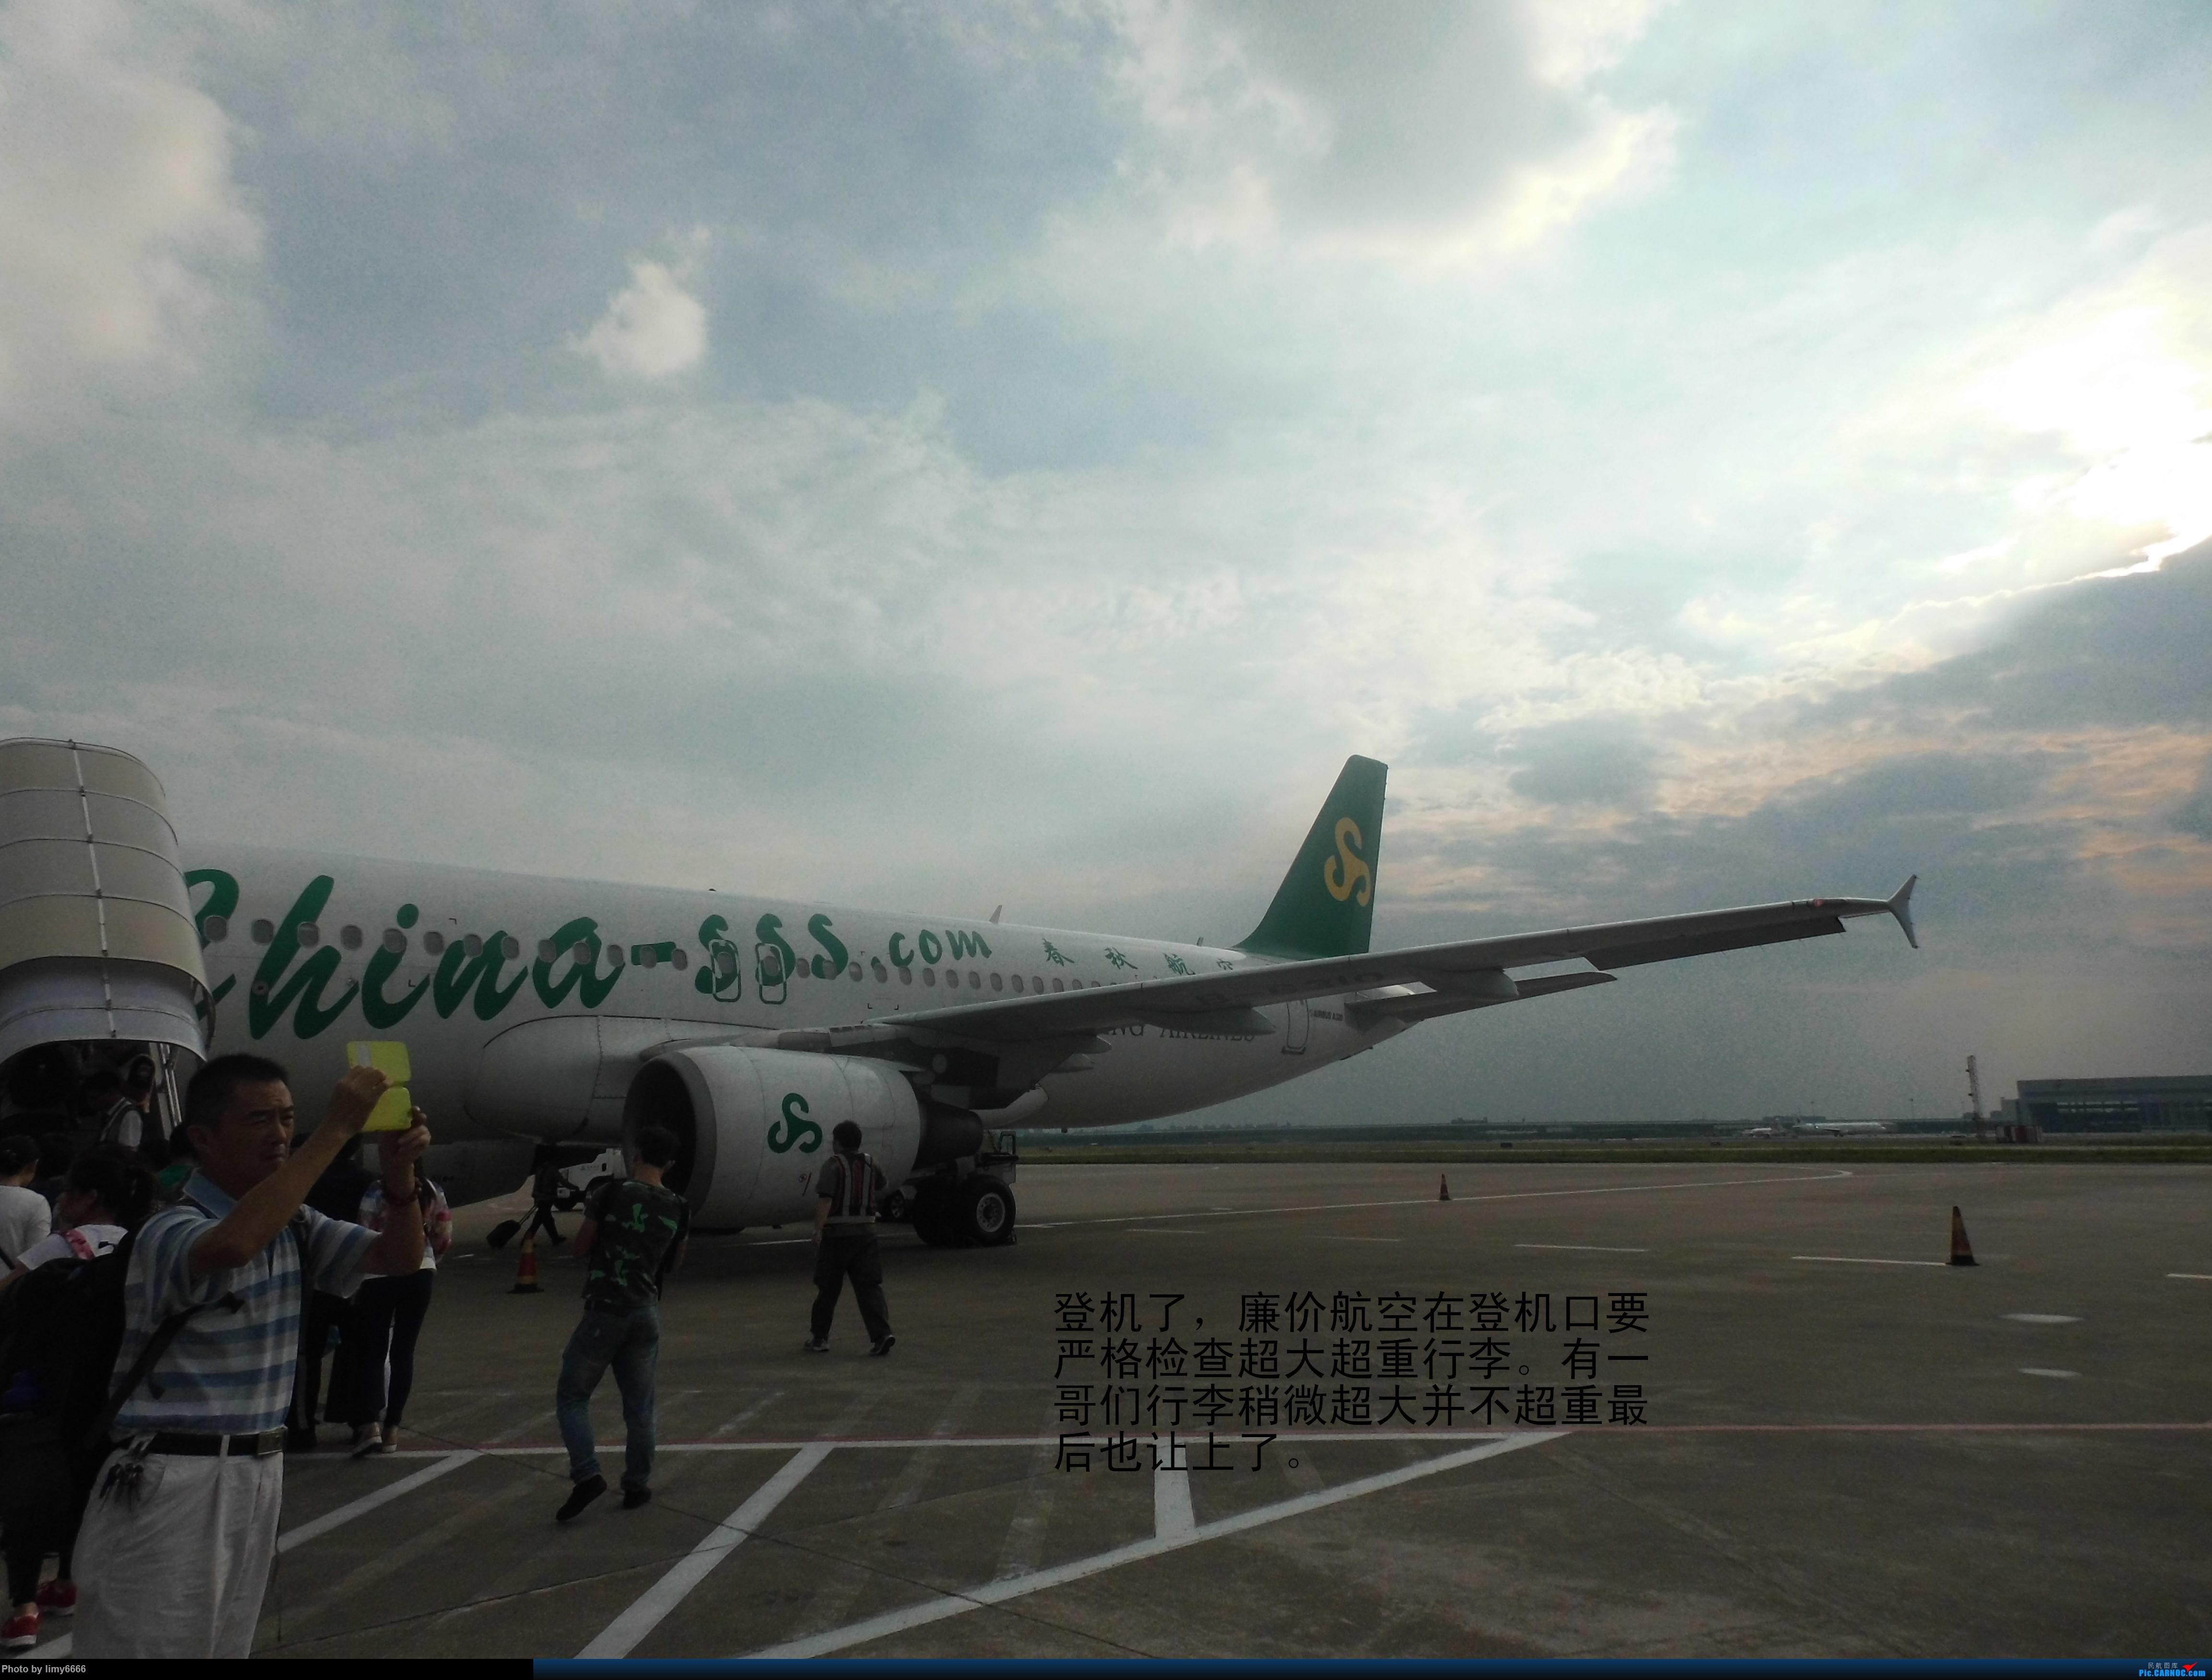 Re:[原创]新手第一帖(送女儿上大学)照片太大不知道怎样缩小,请各位看官自己缩小到25%欣赏 AIRBUS A320 B6310 候机室